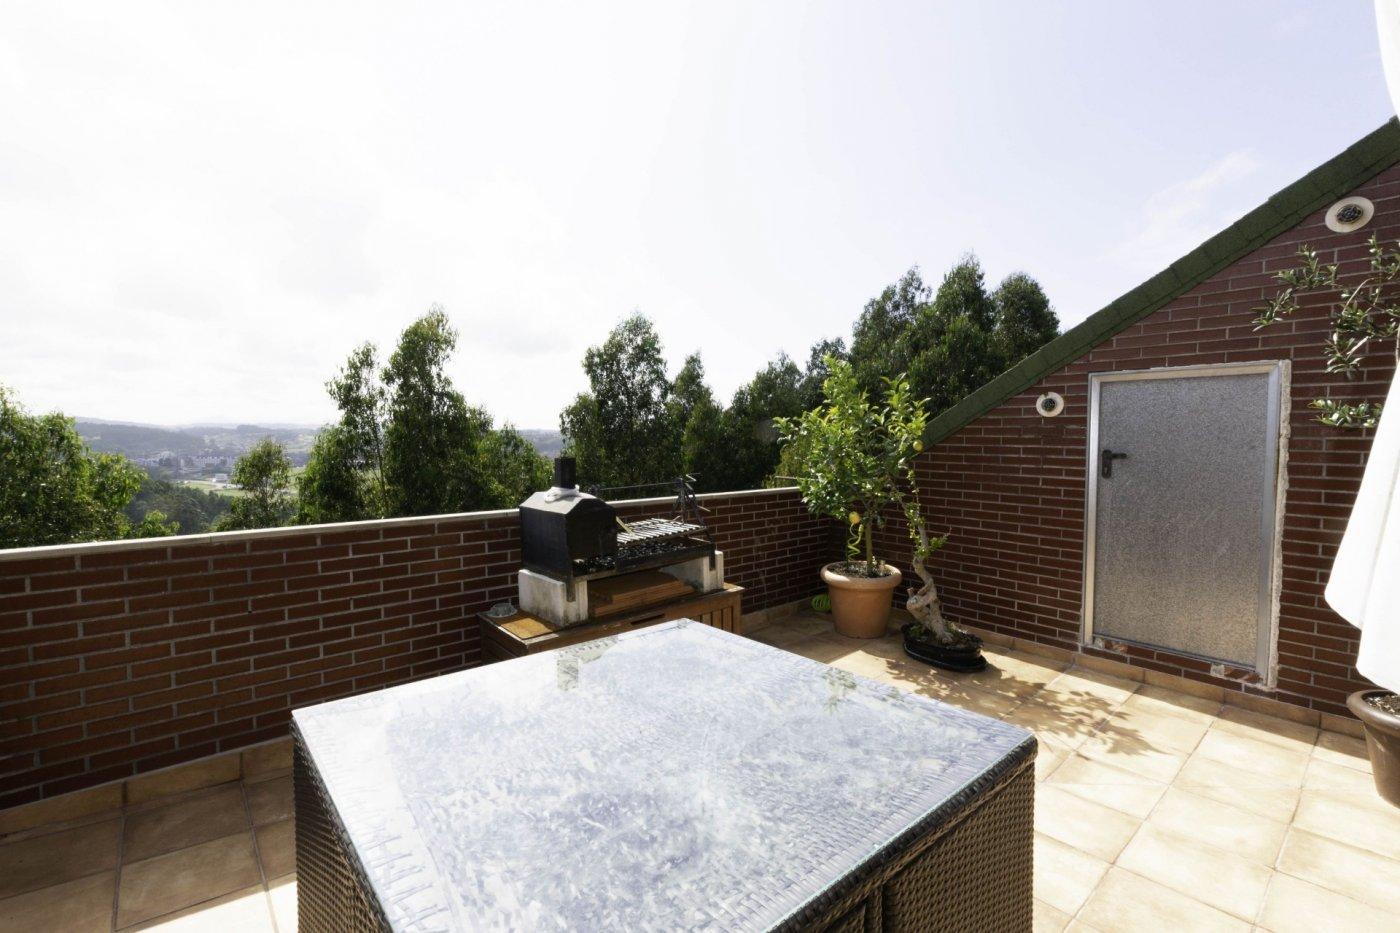 Ático con terraza de 11 m2, a 2 km de salinas - imagenInmueble26